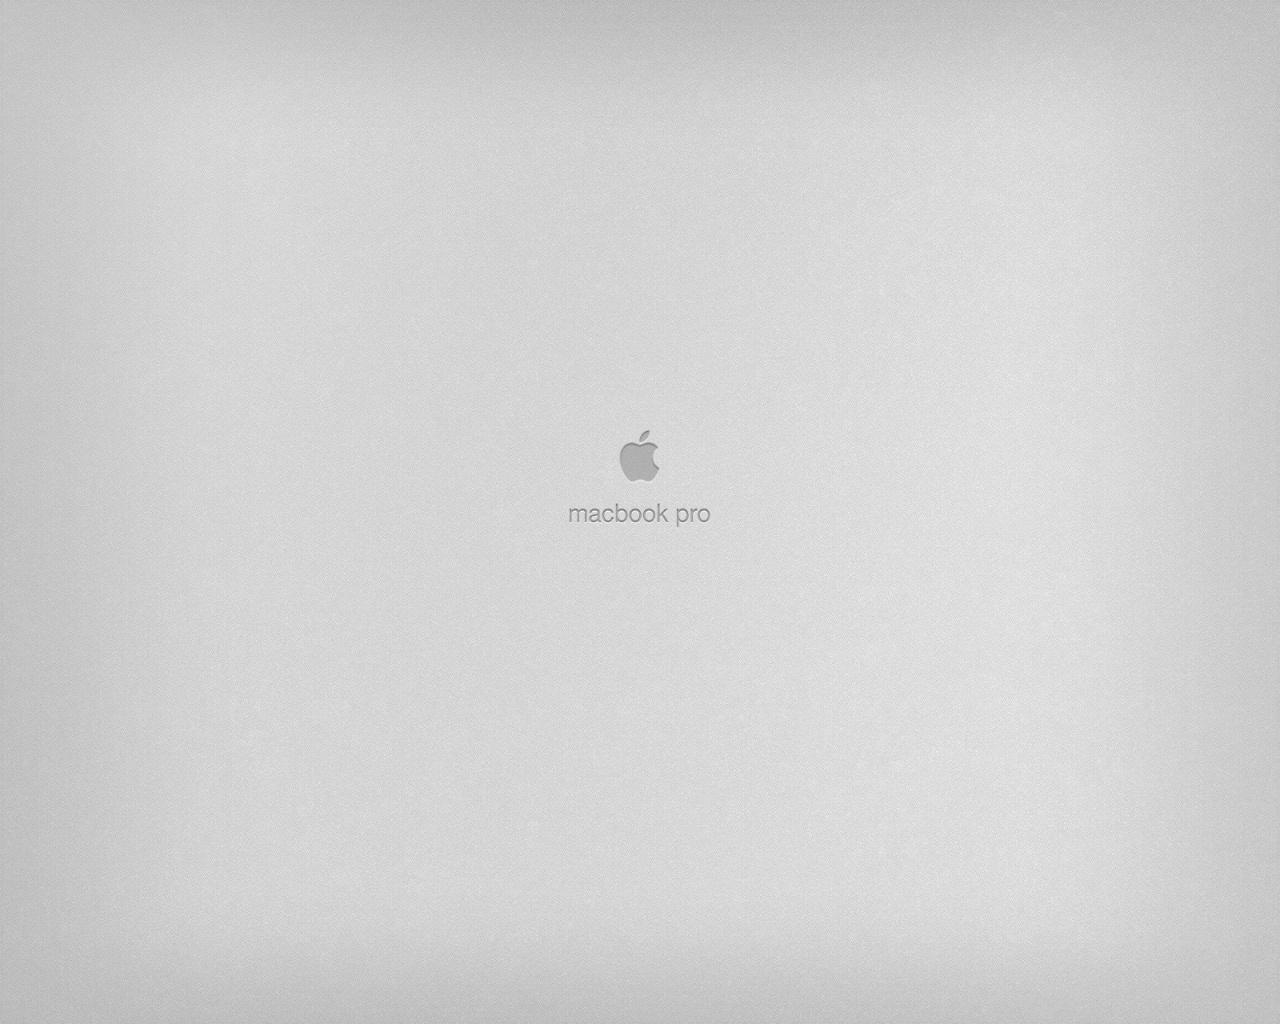 macbook pro wallpaper 1280x1024